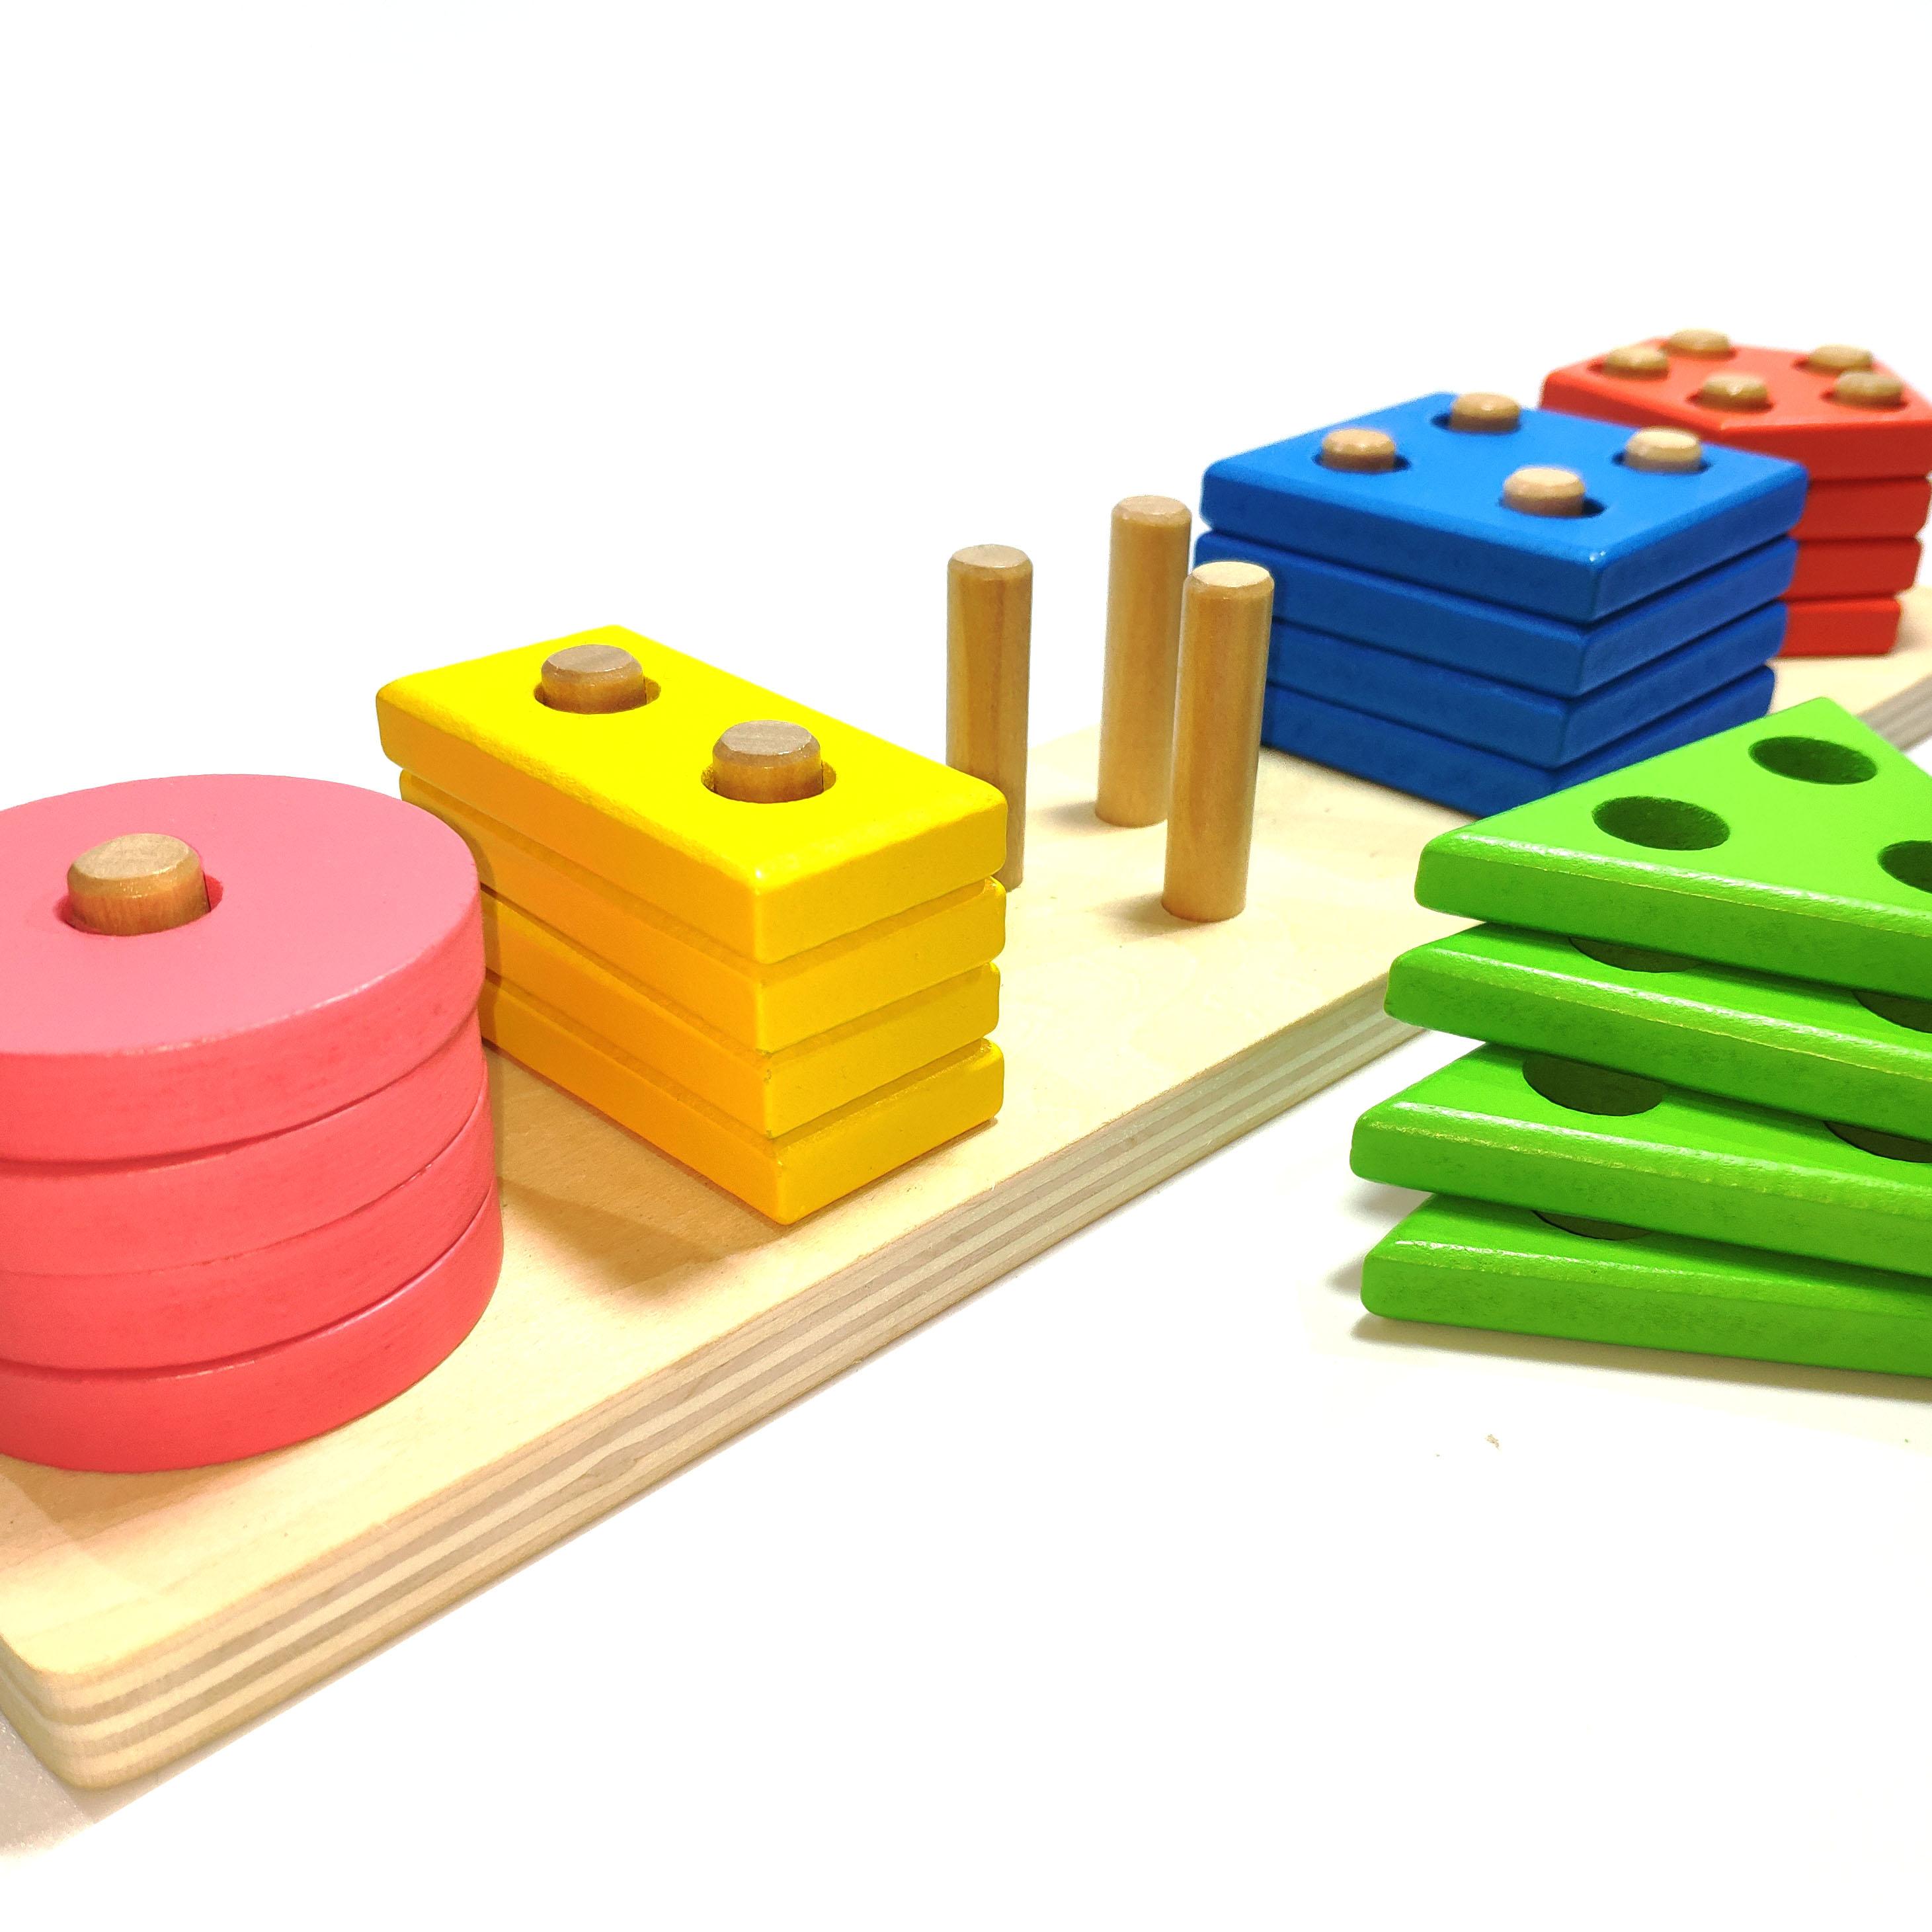 Đồ Chơi Gỗ - Bộ Thả hình khối 3D 4 tầng - đồ chơi thông minh cho bé rèn luyện các kỹ năng cơ bản hiệu quả